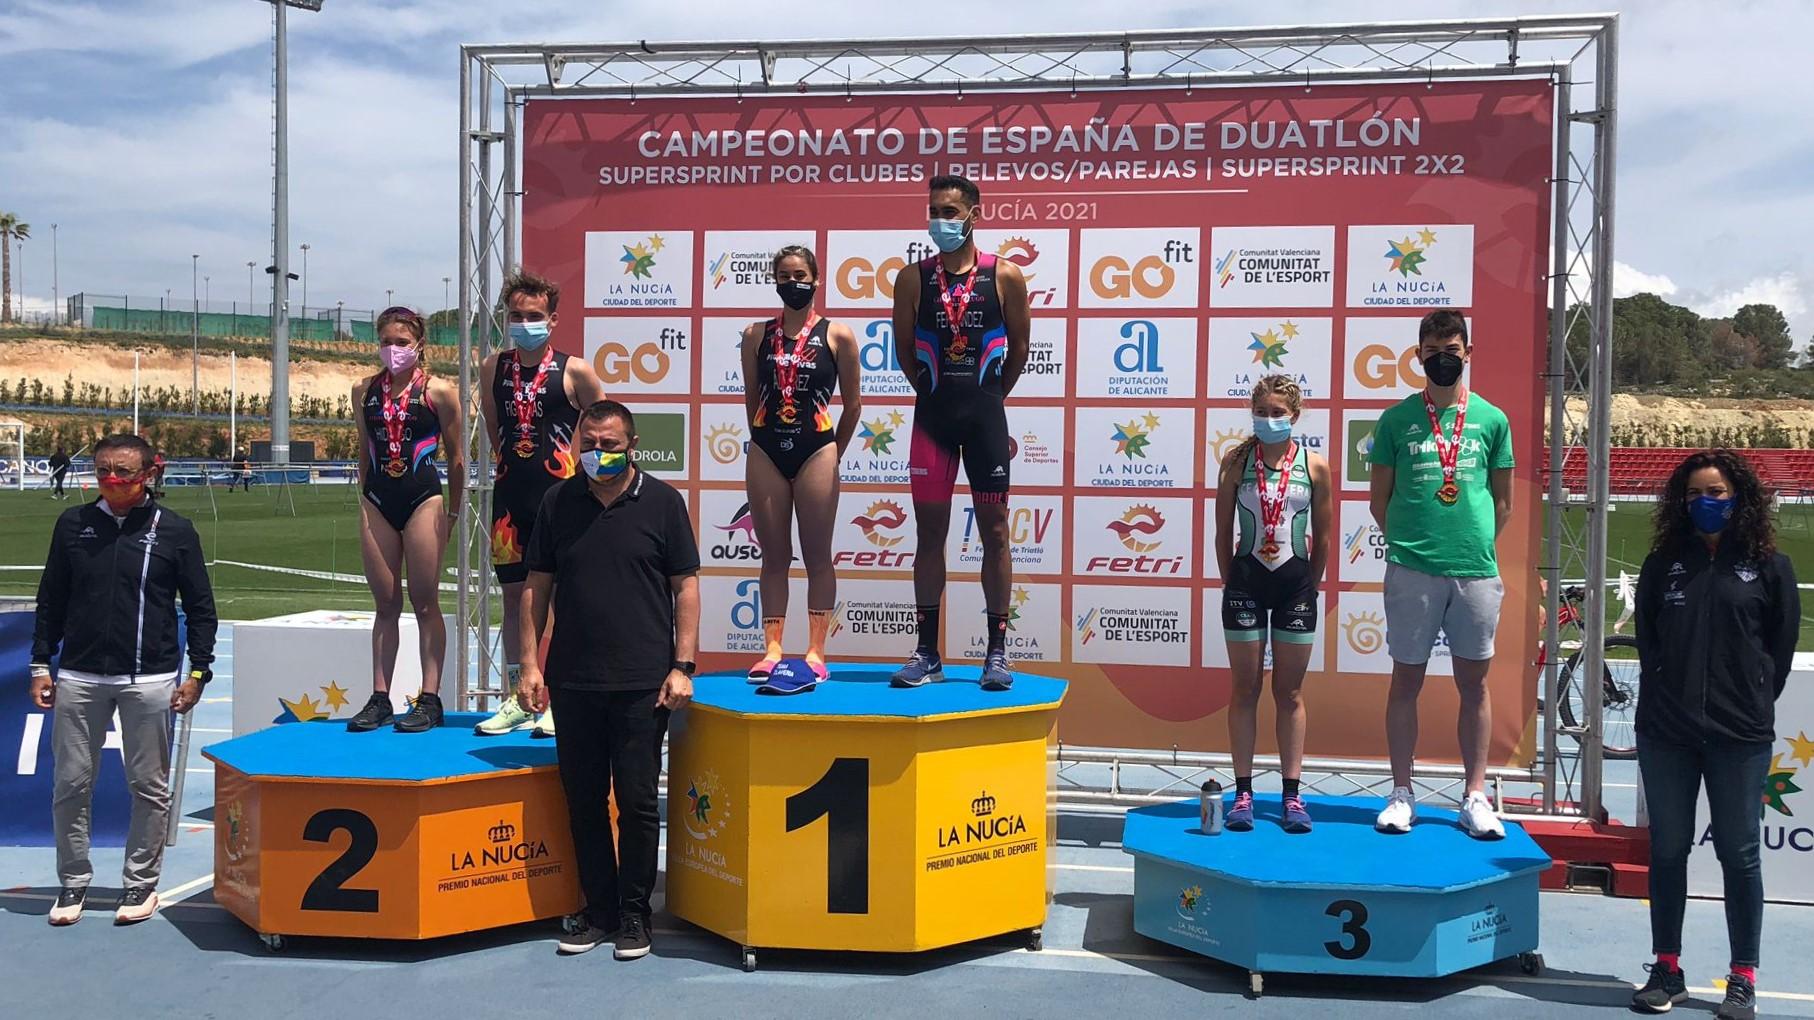 """Cidade de Lugo Fluvial masculino y Diablillos de Rivas femenino ganan en """"La Nucía, Ciudad del Deporte"""" los primeros campeonatos de España de Duatlón SuperSprint 2×2"""